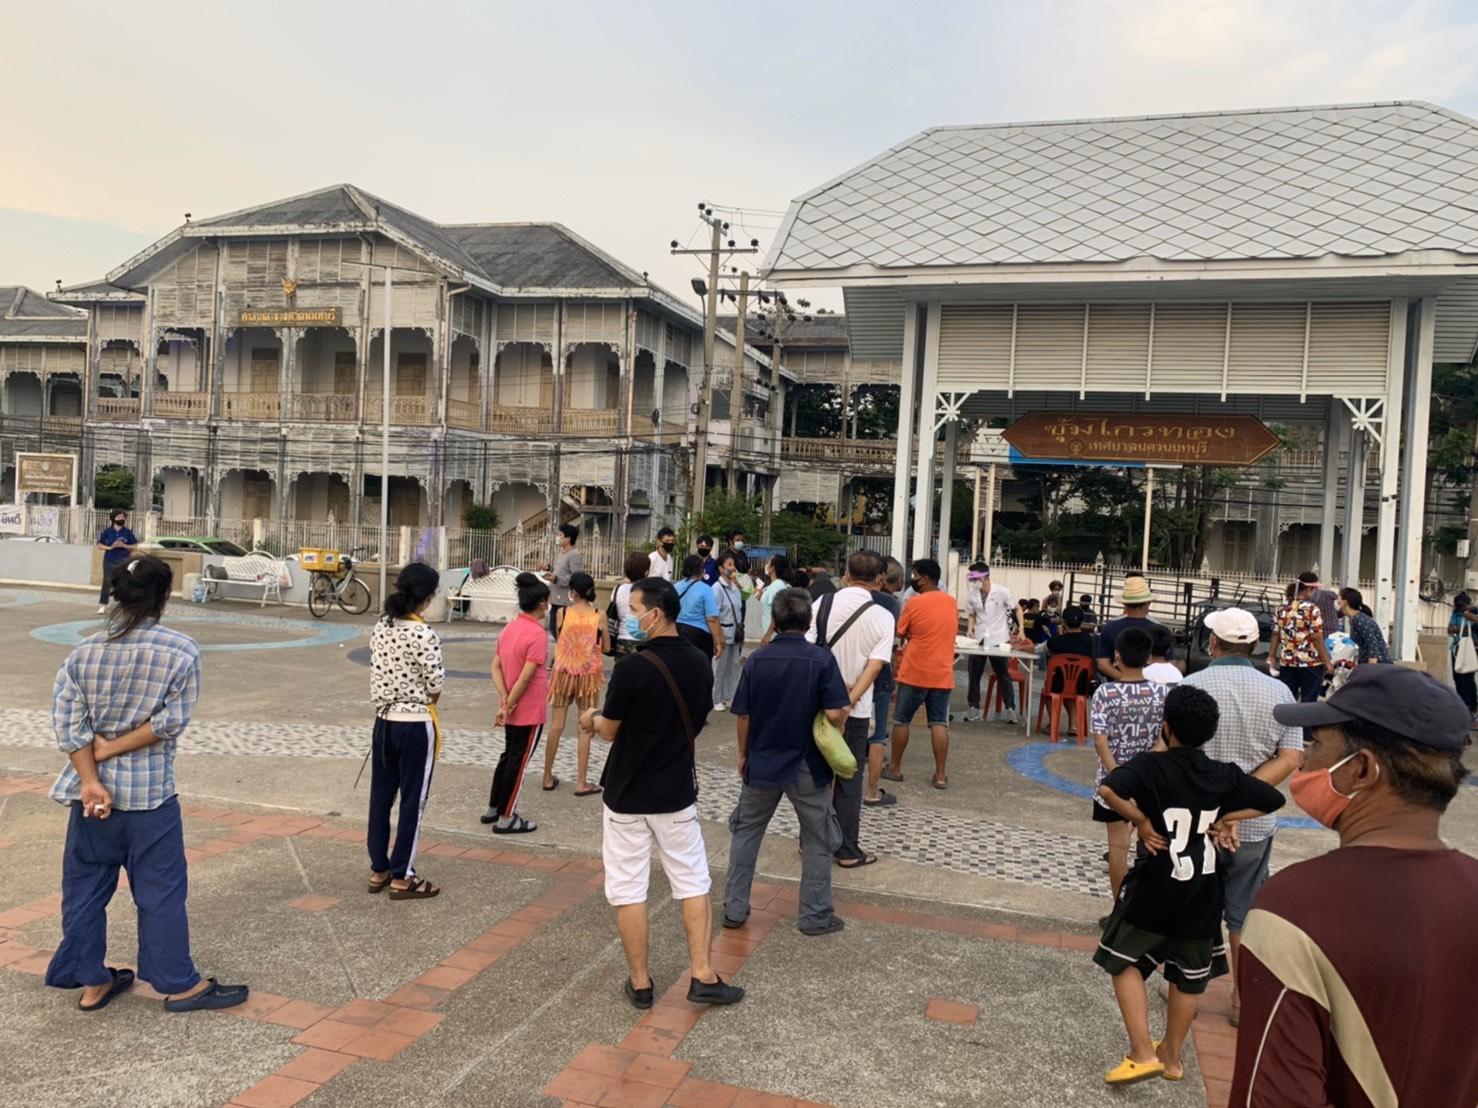 สสส.ห่วงยอดคนไร้บ้านพุ่ง 30% จับมือภาคีเครือข่ายเร่งช่วยเหลือ thaihealth